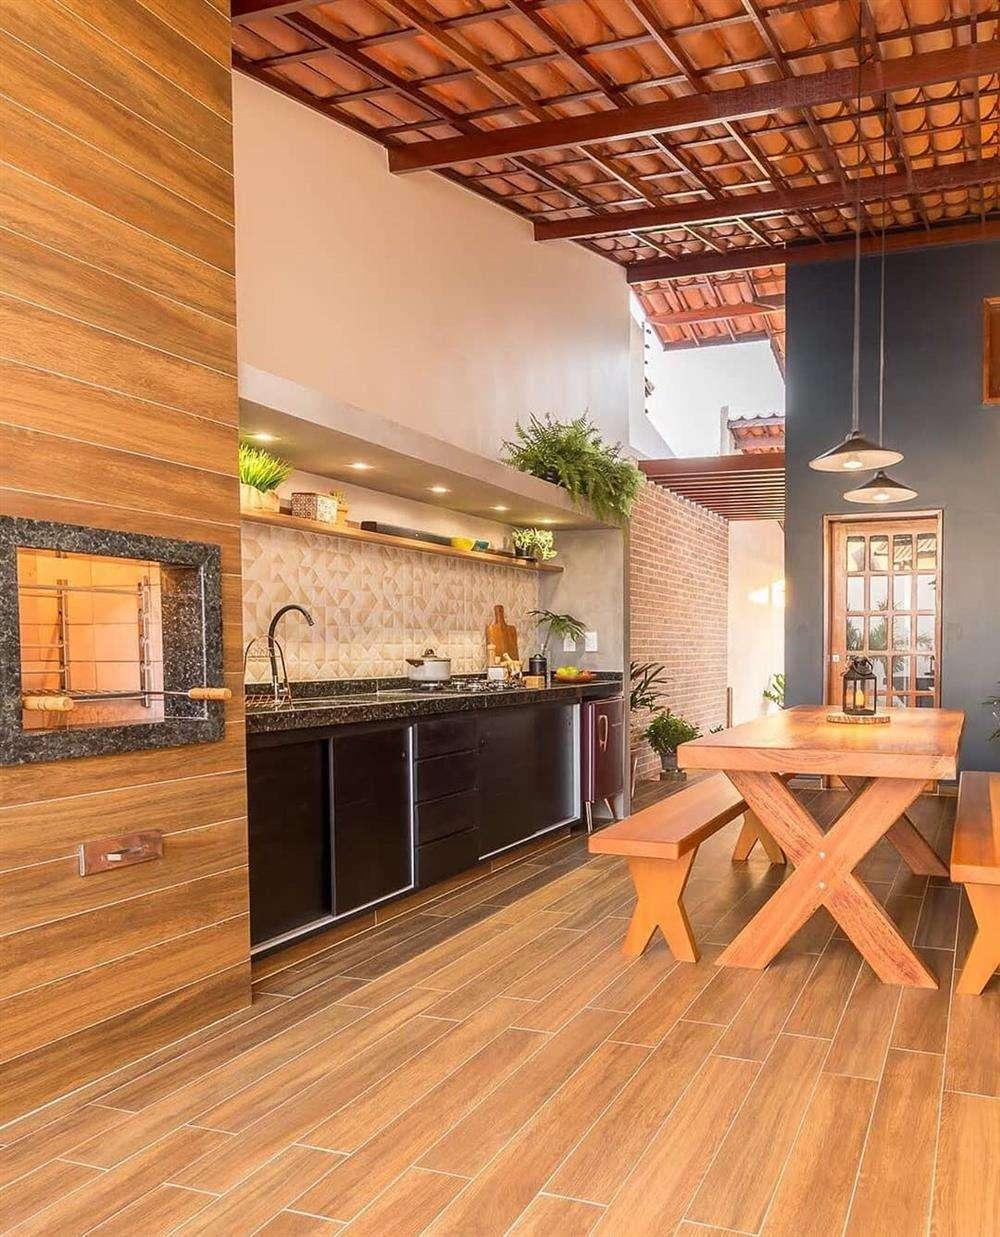 Ambientes decorados com tons em madeira deixa a área rústica e bem confortável